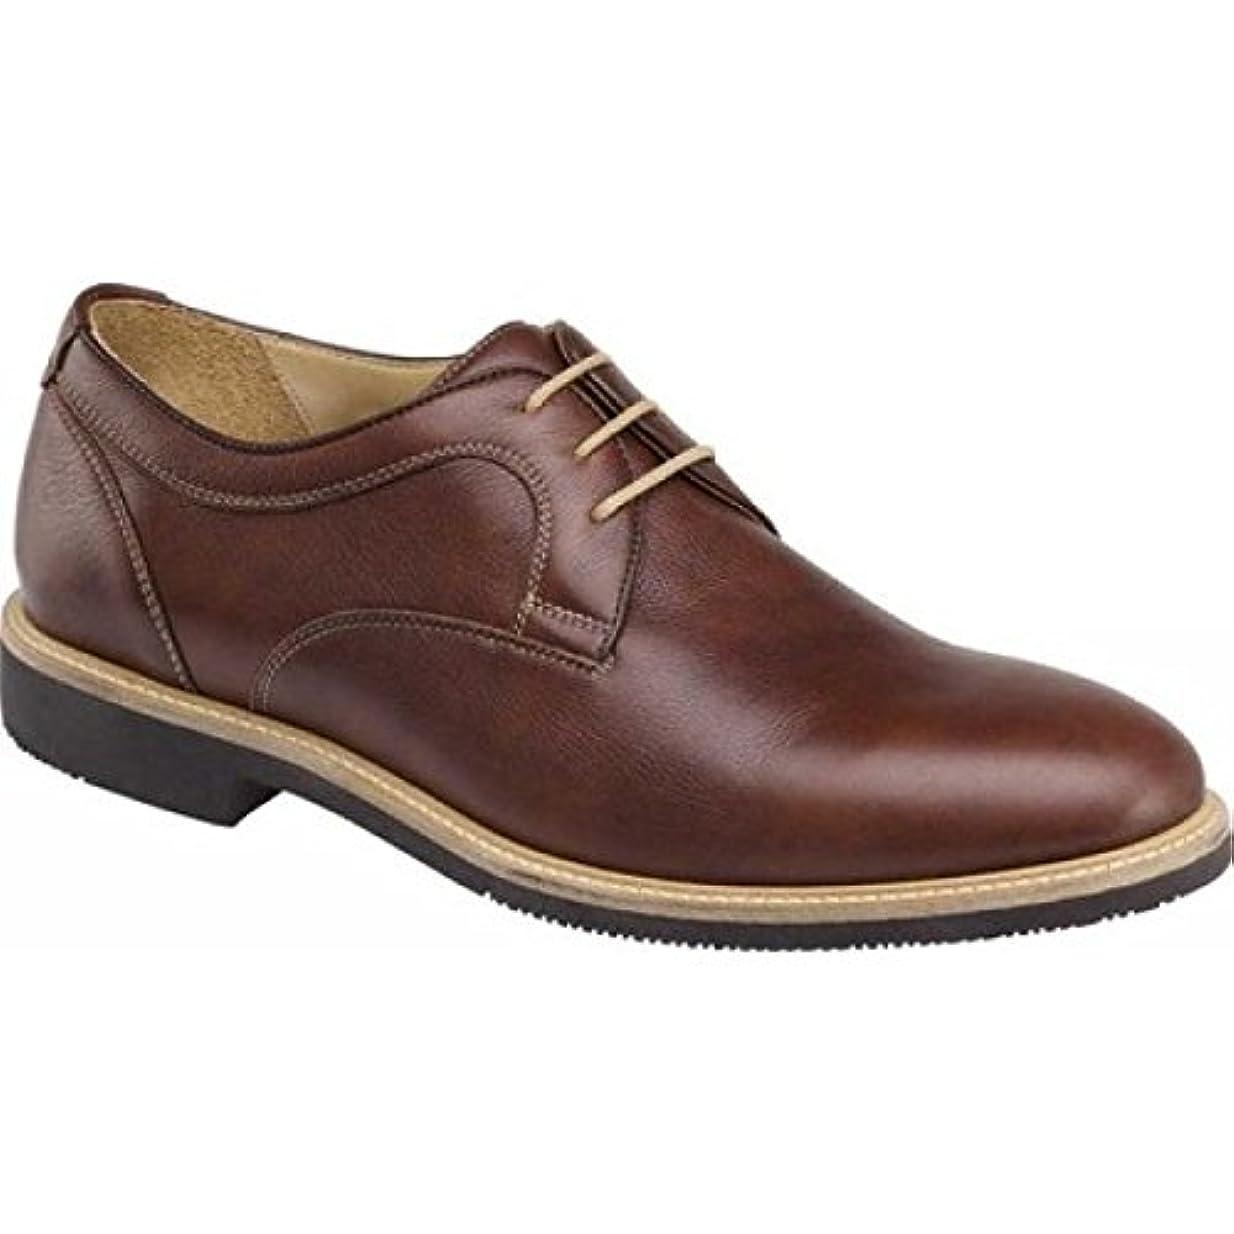 政治的厚さ持続的(ジョンストン&マーフィー) Johnston & Murphy メンズ シューズ?靴 革靴?ビジネスシューズ Barlow Plain Toe Oxford [並行輸入品]